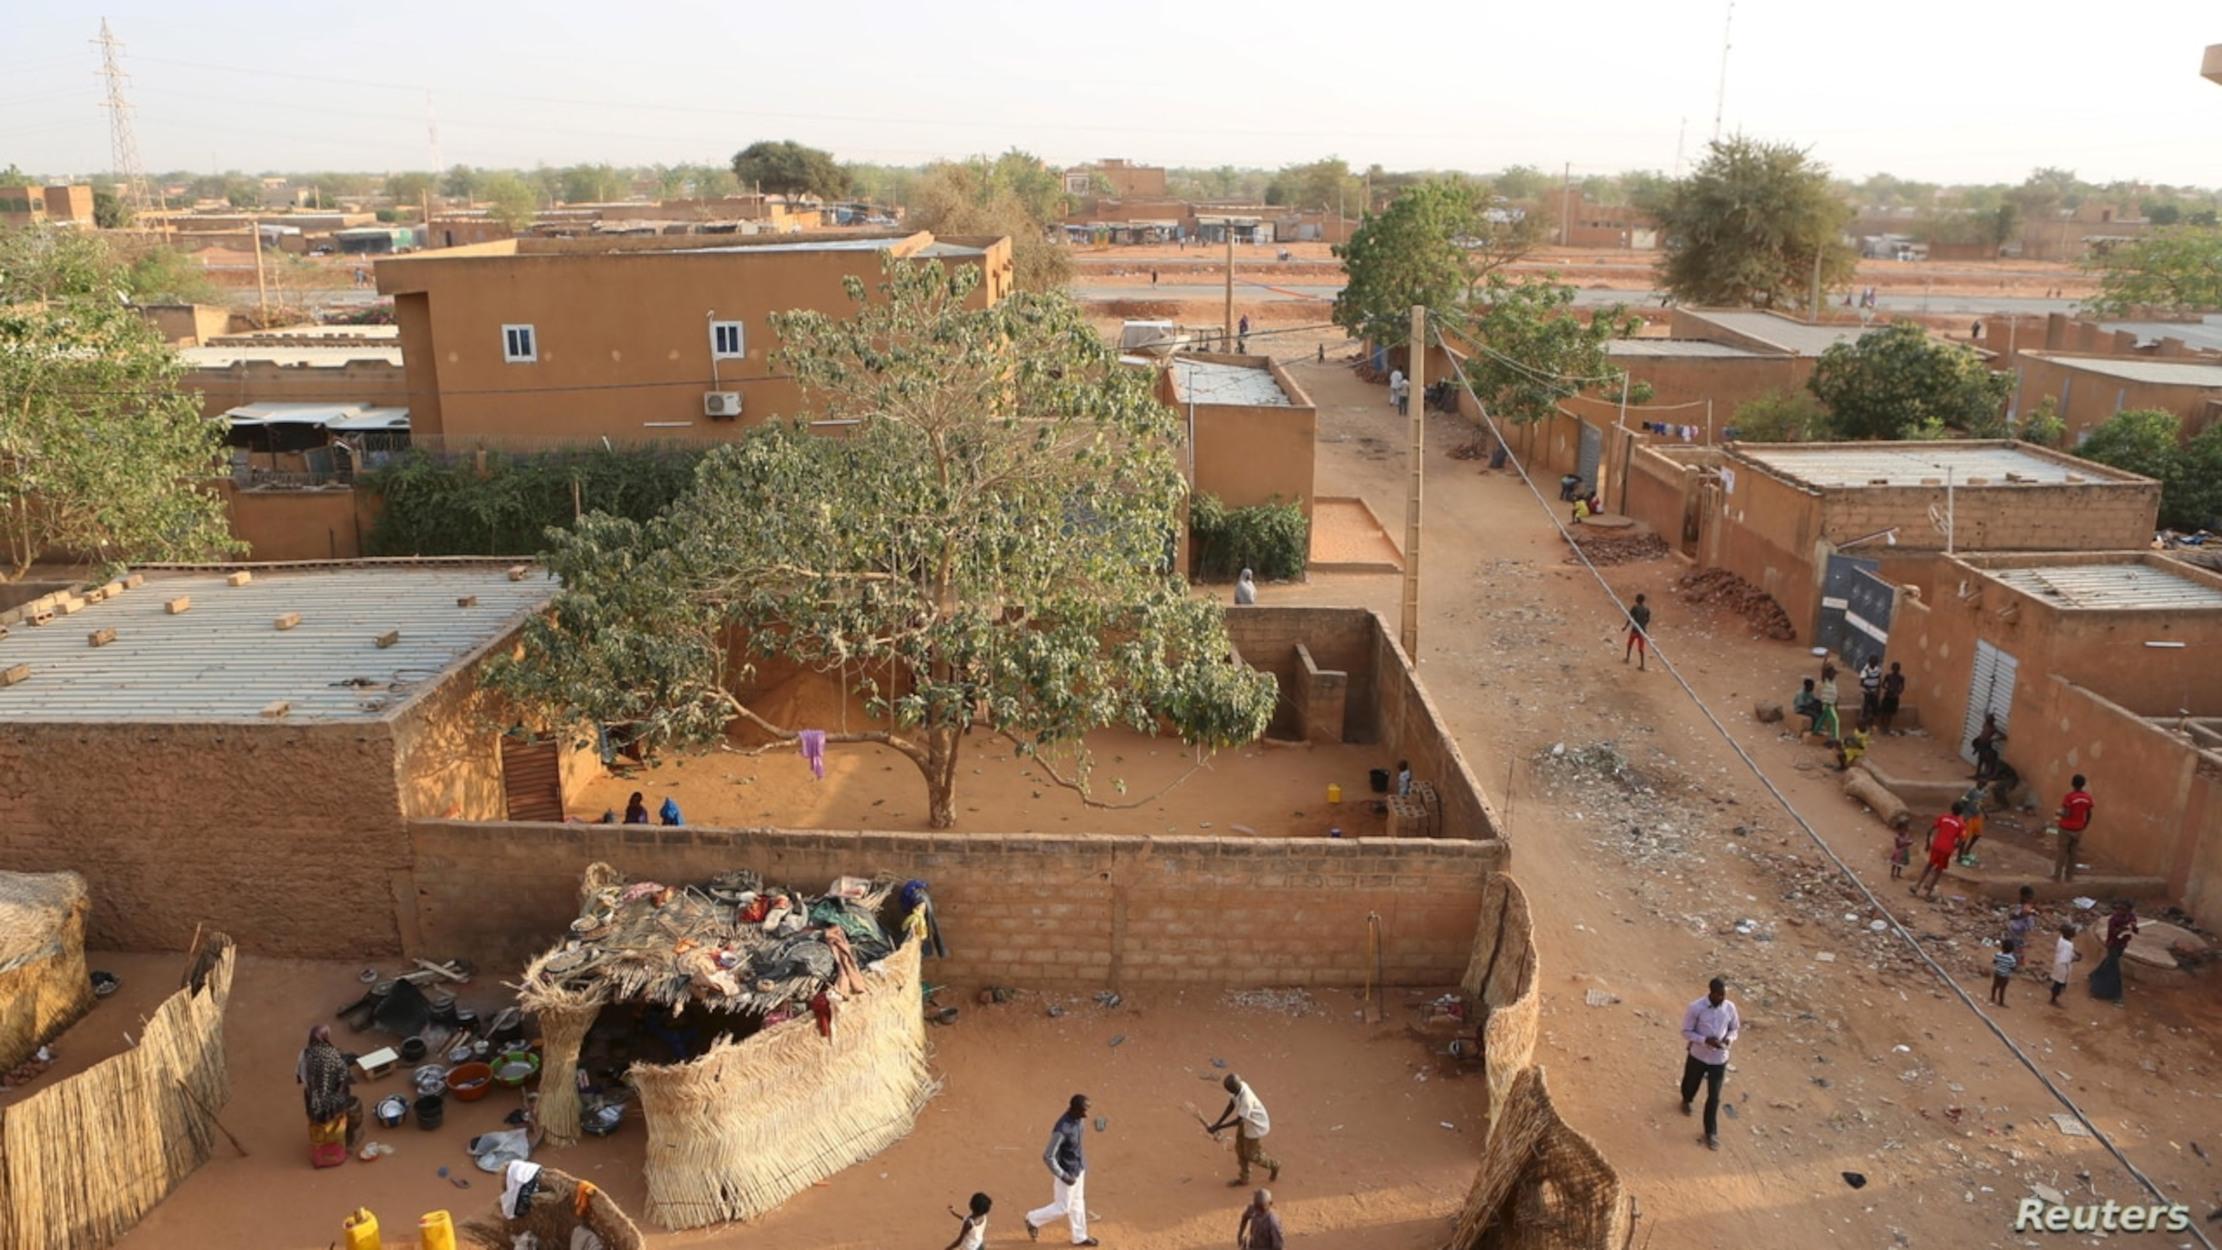 Νίγηρας: Τραγωδία σε βρεφονηπιακό σταθμό! 20 παιδιά νεκρά από φωτιά